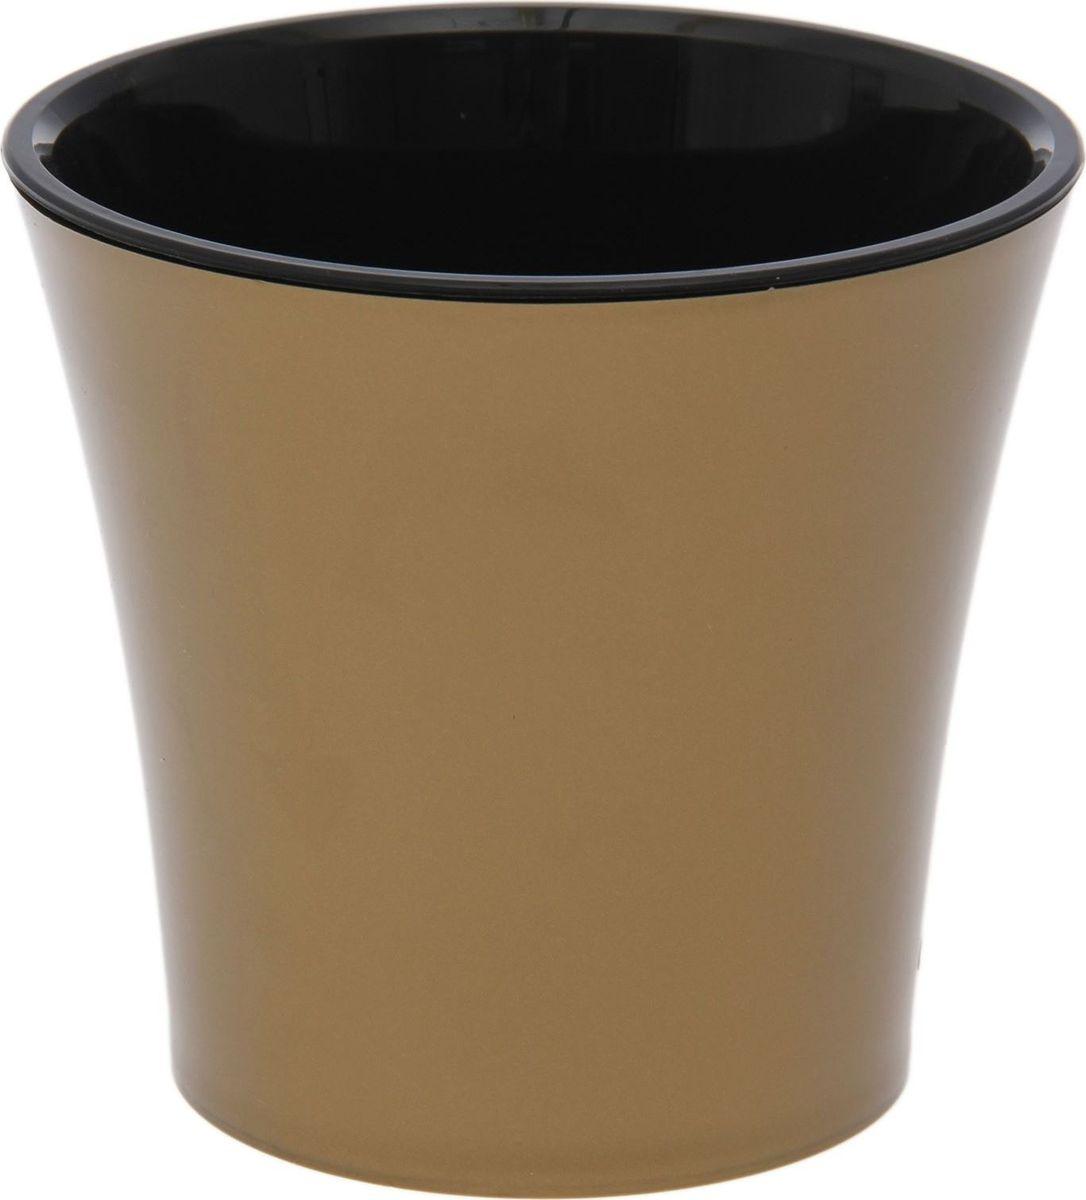 Горшок для цветов Santino Арте, цвет: золотистый, черный, 0,6 л1345275Любой, даже самый современный и продуманный интерьер будет незавершённым без растений. Они не только очищают воздух и насыщают его кислородом, но и украшают окружающее пространство. Такому полезному члену семьи просто необходим красивый и функциональный дом! Мы предлагаем Горшок 600 мл Арте, цвет золотой-черный! Оптимальный выбор материала — пластмасса! Почему мы так считаем? -Малый вес. С лёгкостью переносите горшки и кашпо с места на место, ставьте их на столики или полки, не беспокоясь о нагрузке.-Простота ухода. Кашпо не нуждается в специальных условиях хранения. Его легко чистить — достаточно просто сполоснуть тёплой водой.-Никаких потёртостей. Такие кашпо не царапают и не загрязняют поверхности, на которых стоят.-Пластик дольше хранит влагу, а значит, растение реже нуждается в поливе.-Пластмасса не пропускает воздух — корневой системе растения не грозят резкие перепады температур. -Огромный выбор форм, декора и расцветок — вы без труда найдёте что-то, что идеально впишется в уже существующий интерьер.Соблюдая нехитрые правила ухода, вы можете заметно продлить срок службы горшков и кашпо из пластика: -всегда учитывайте размер кроны и корневой системы (при разрастании большое растение способно повредить маленький горшок)-берегите изделие от воздействия прямых солнечных лучей, чтобы горшки не выцветали-держите кашпо из пластика подальше от нагревающихся поверхностей. Создавайте прекрасные цветочные композиции, выращивайте рассаду или необычные растения. Размеры внутреннего вкладыша - высота 10 см, верхний диаметр - 11 см, нижний - 8 см.